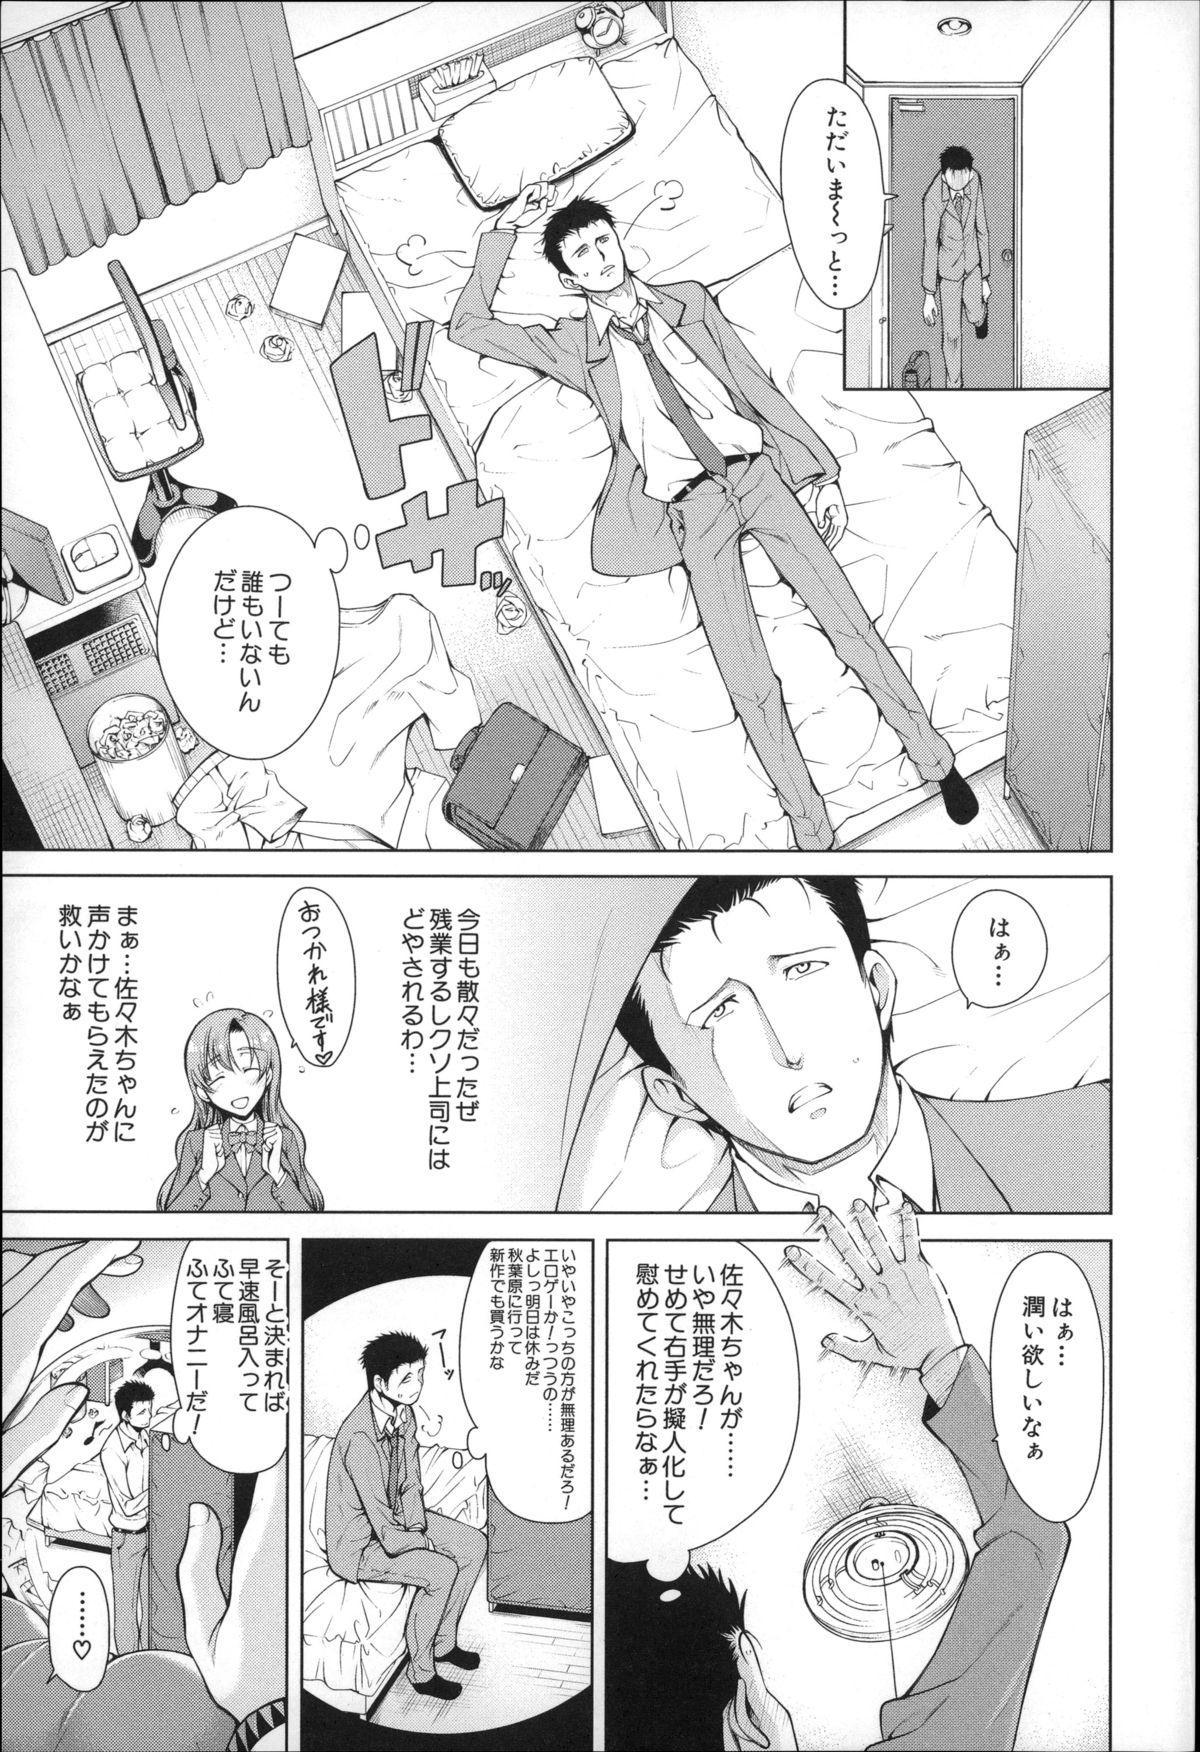 Migite ga Bishoujo ni Natta kara Sex Shita kedo Doutei dayone!! 5